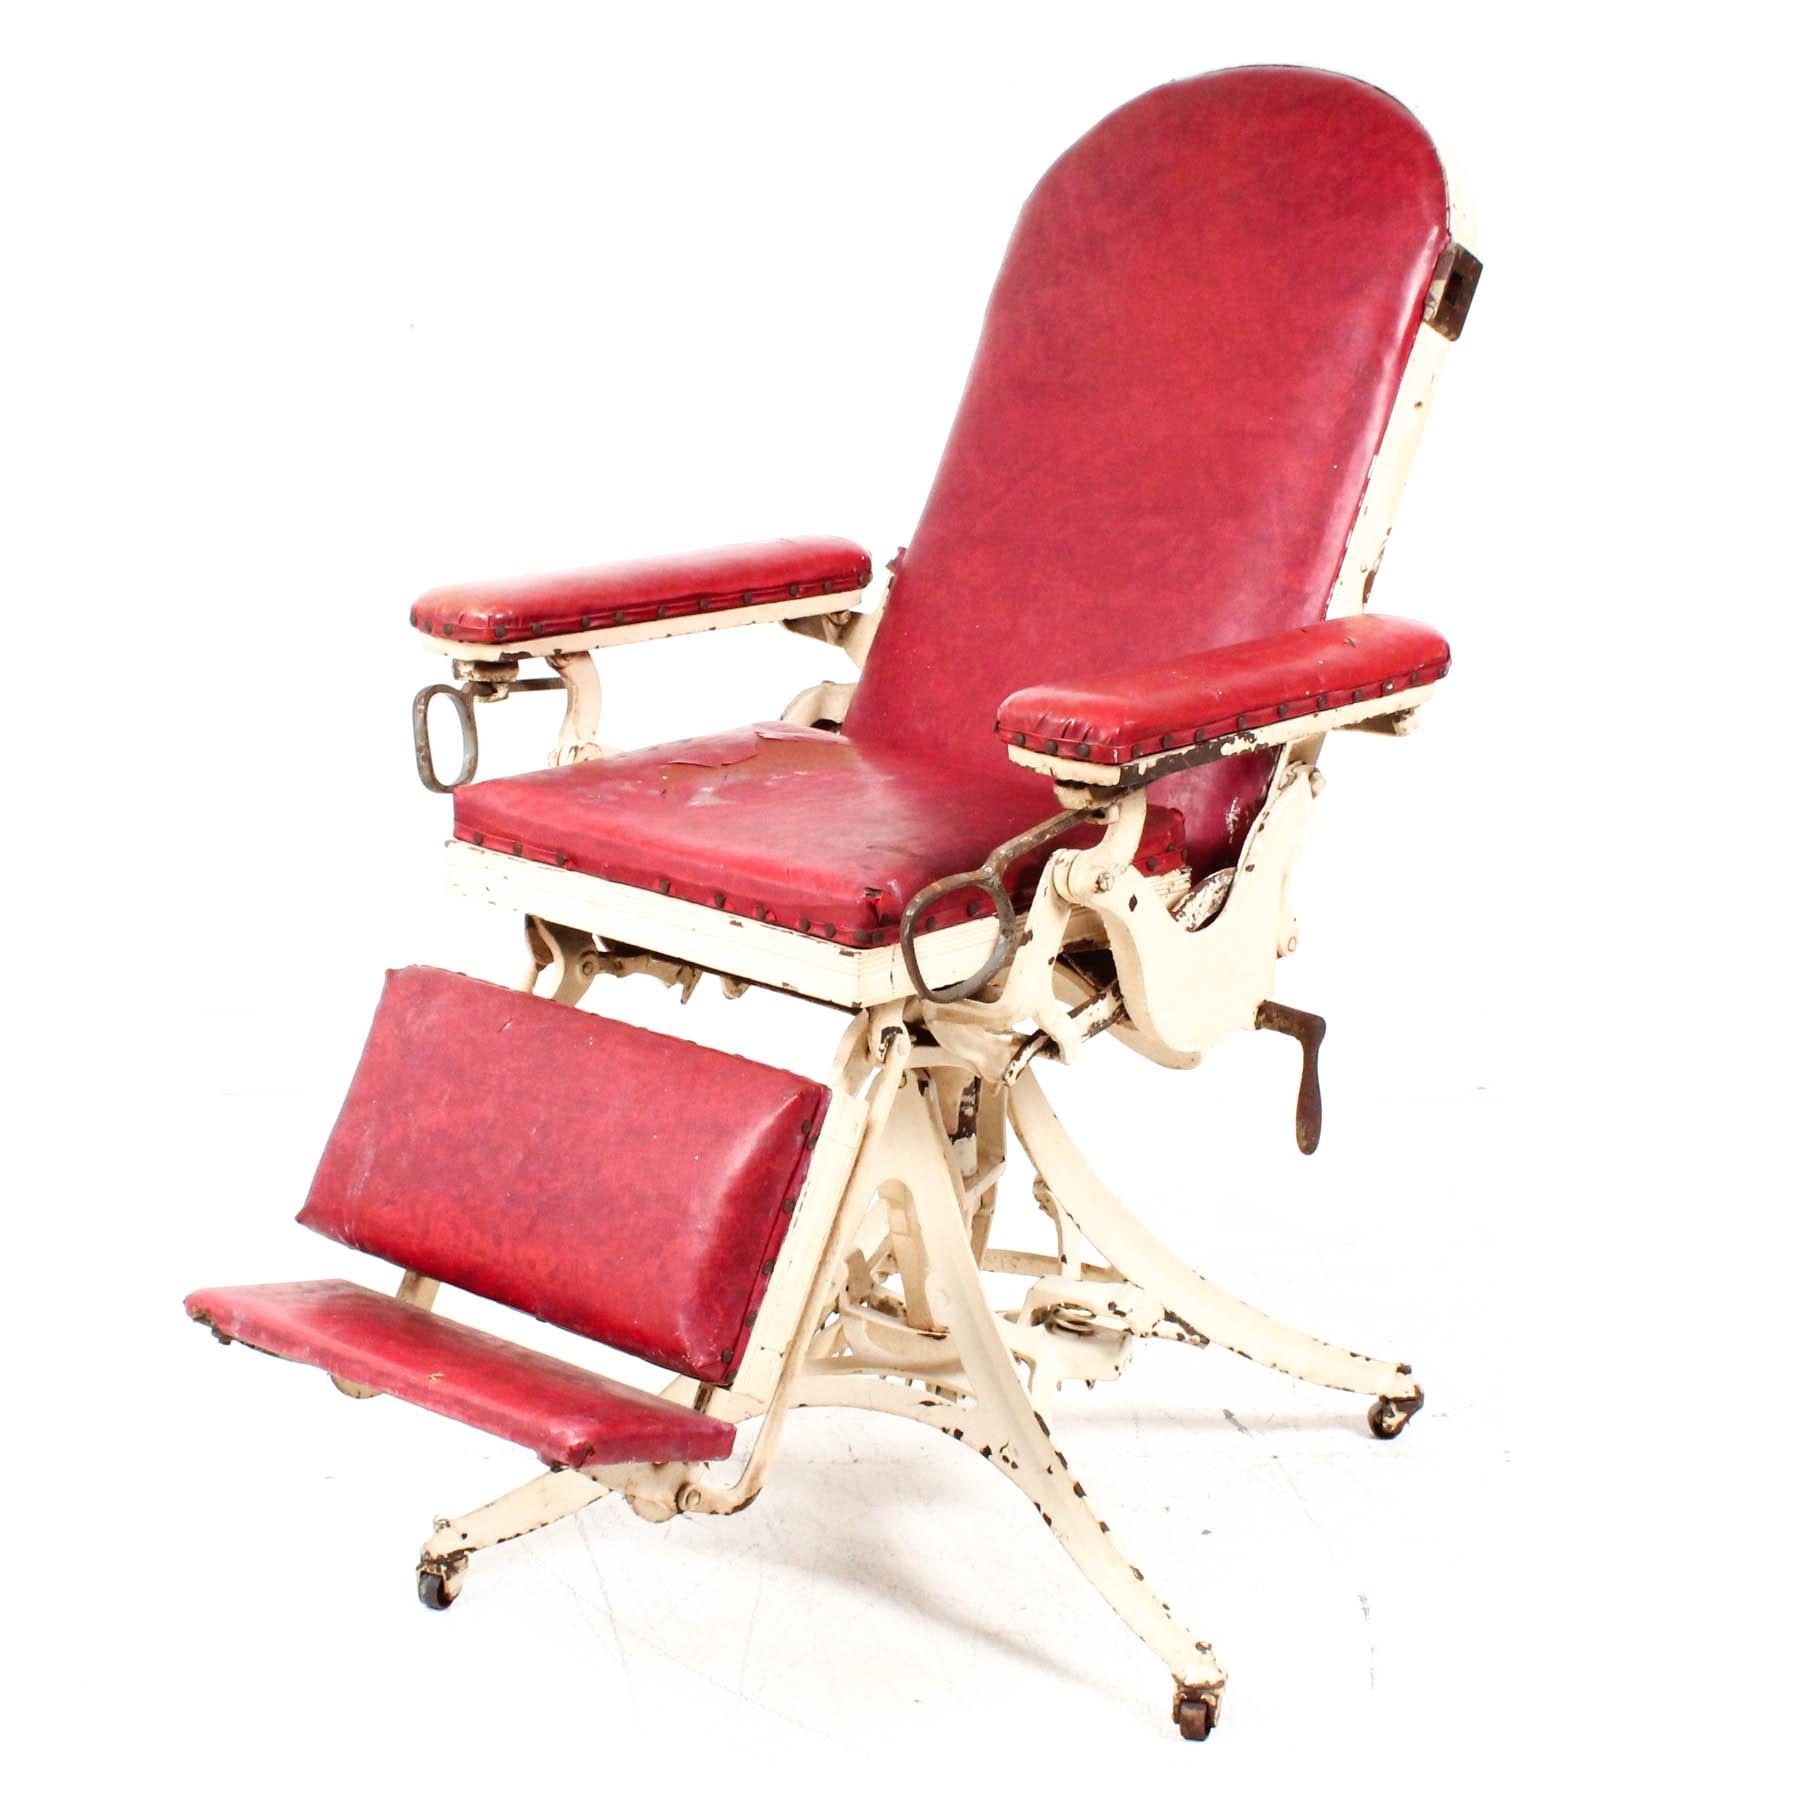 Circa 1900 Doctor's Examination Chair